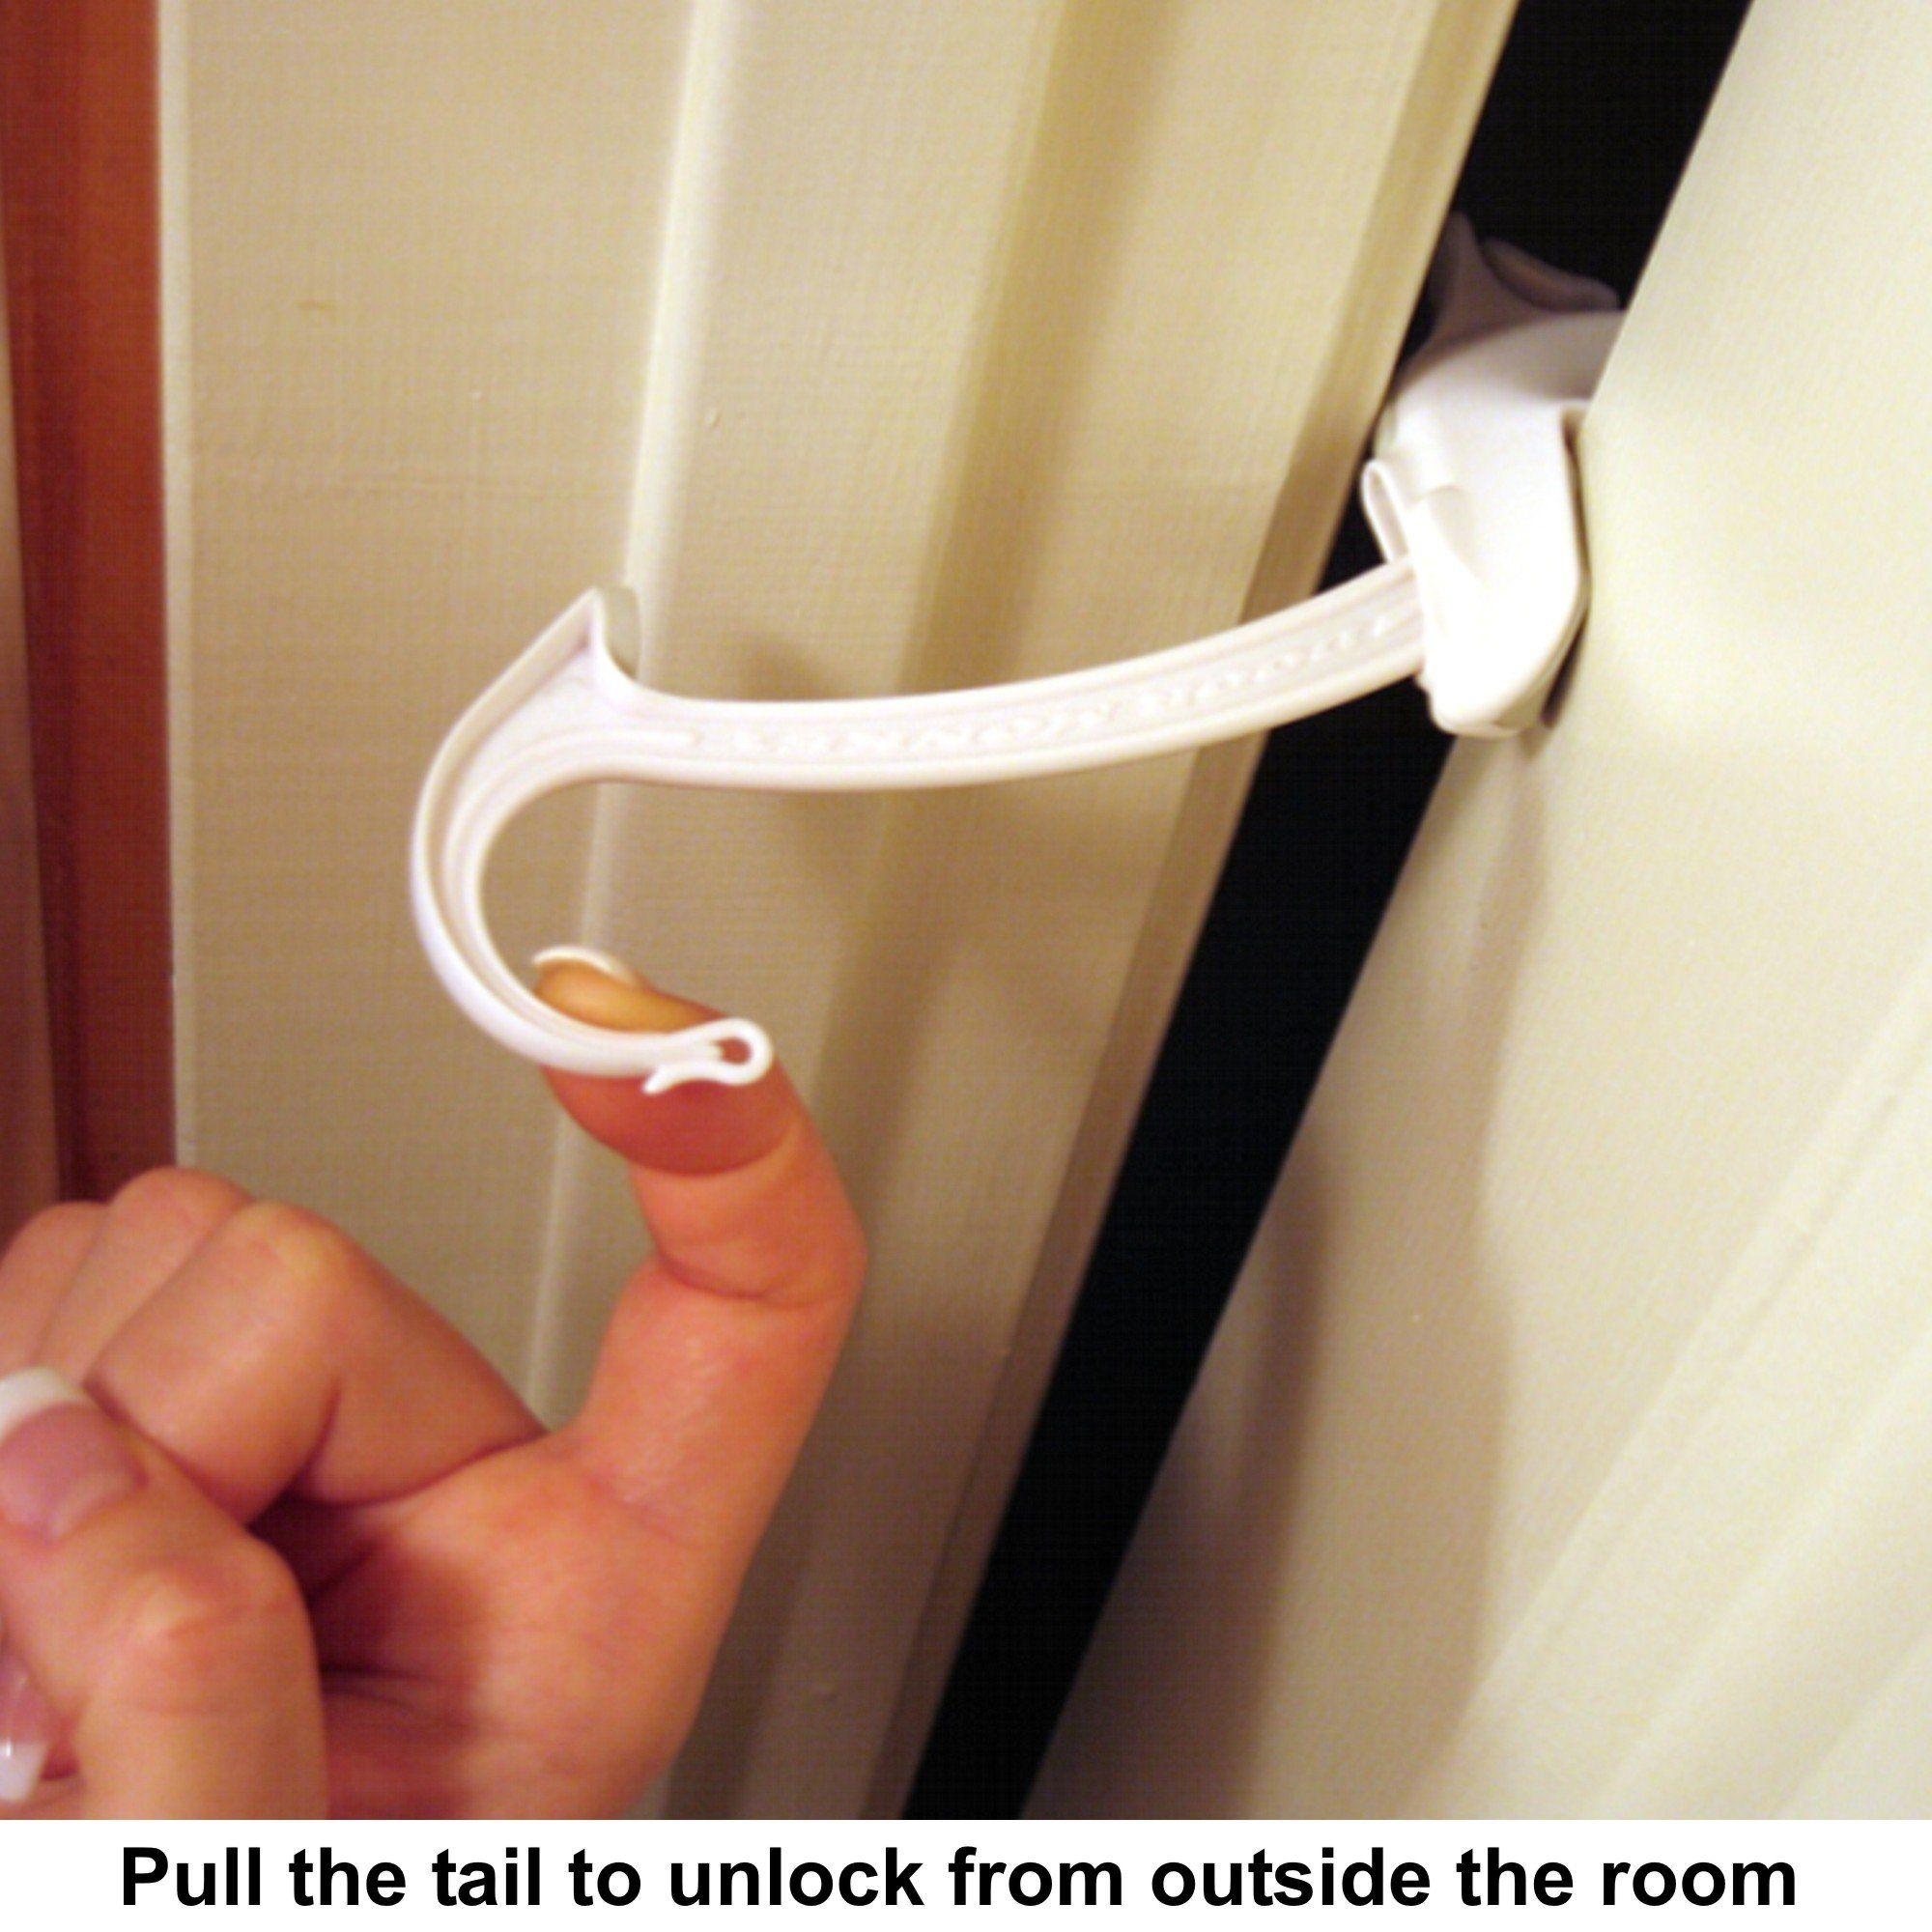 Door Monkey, Childproof Door Lock & Pinch